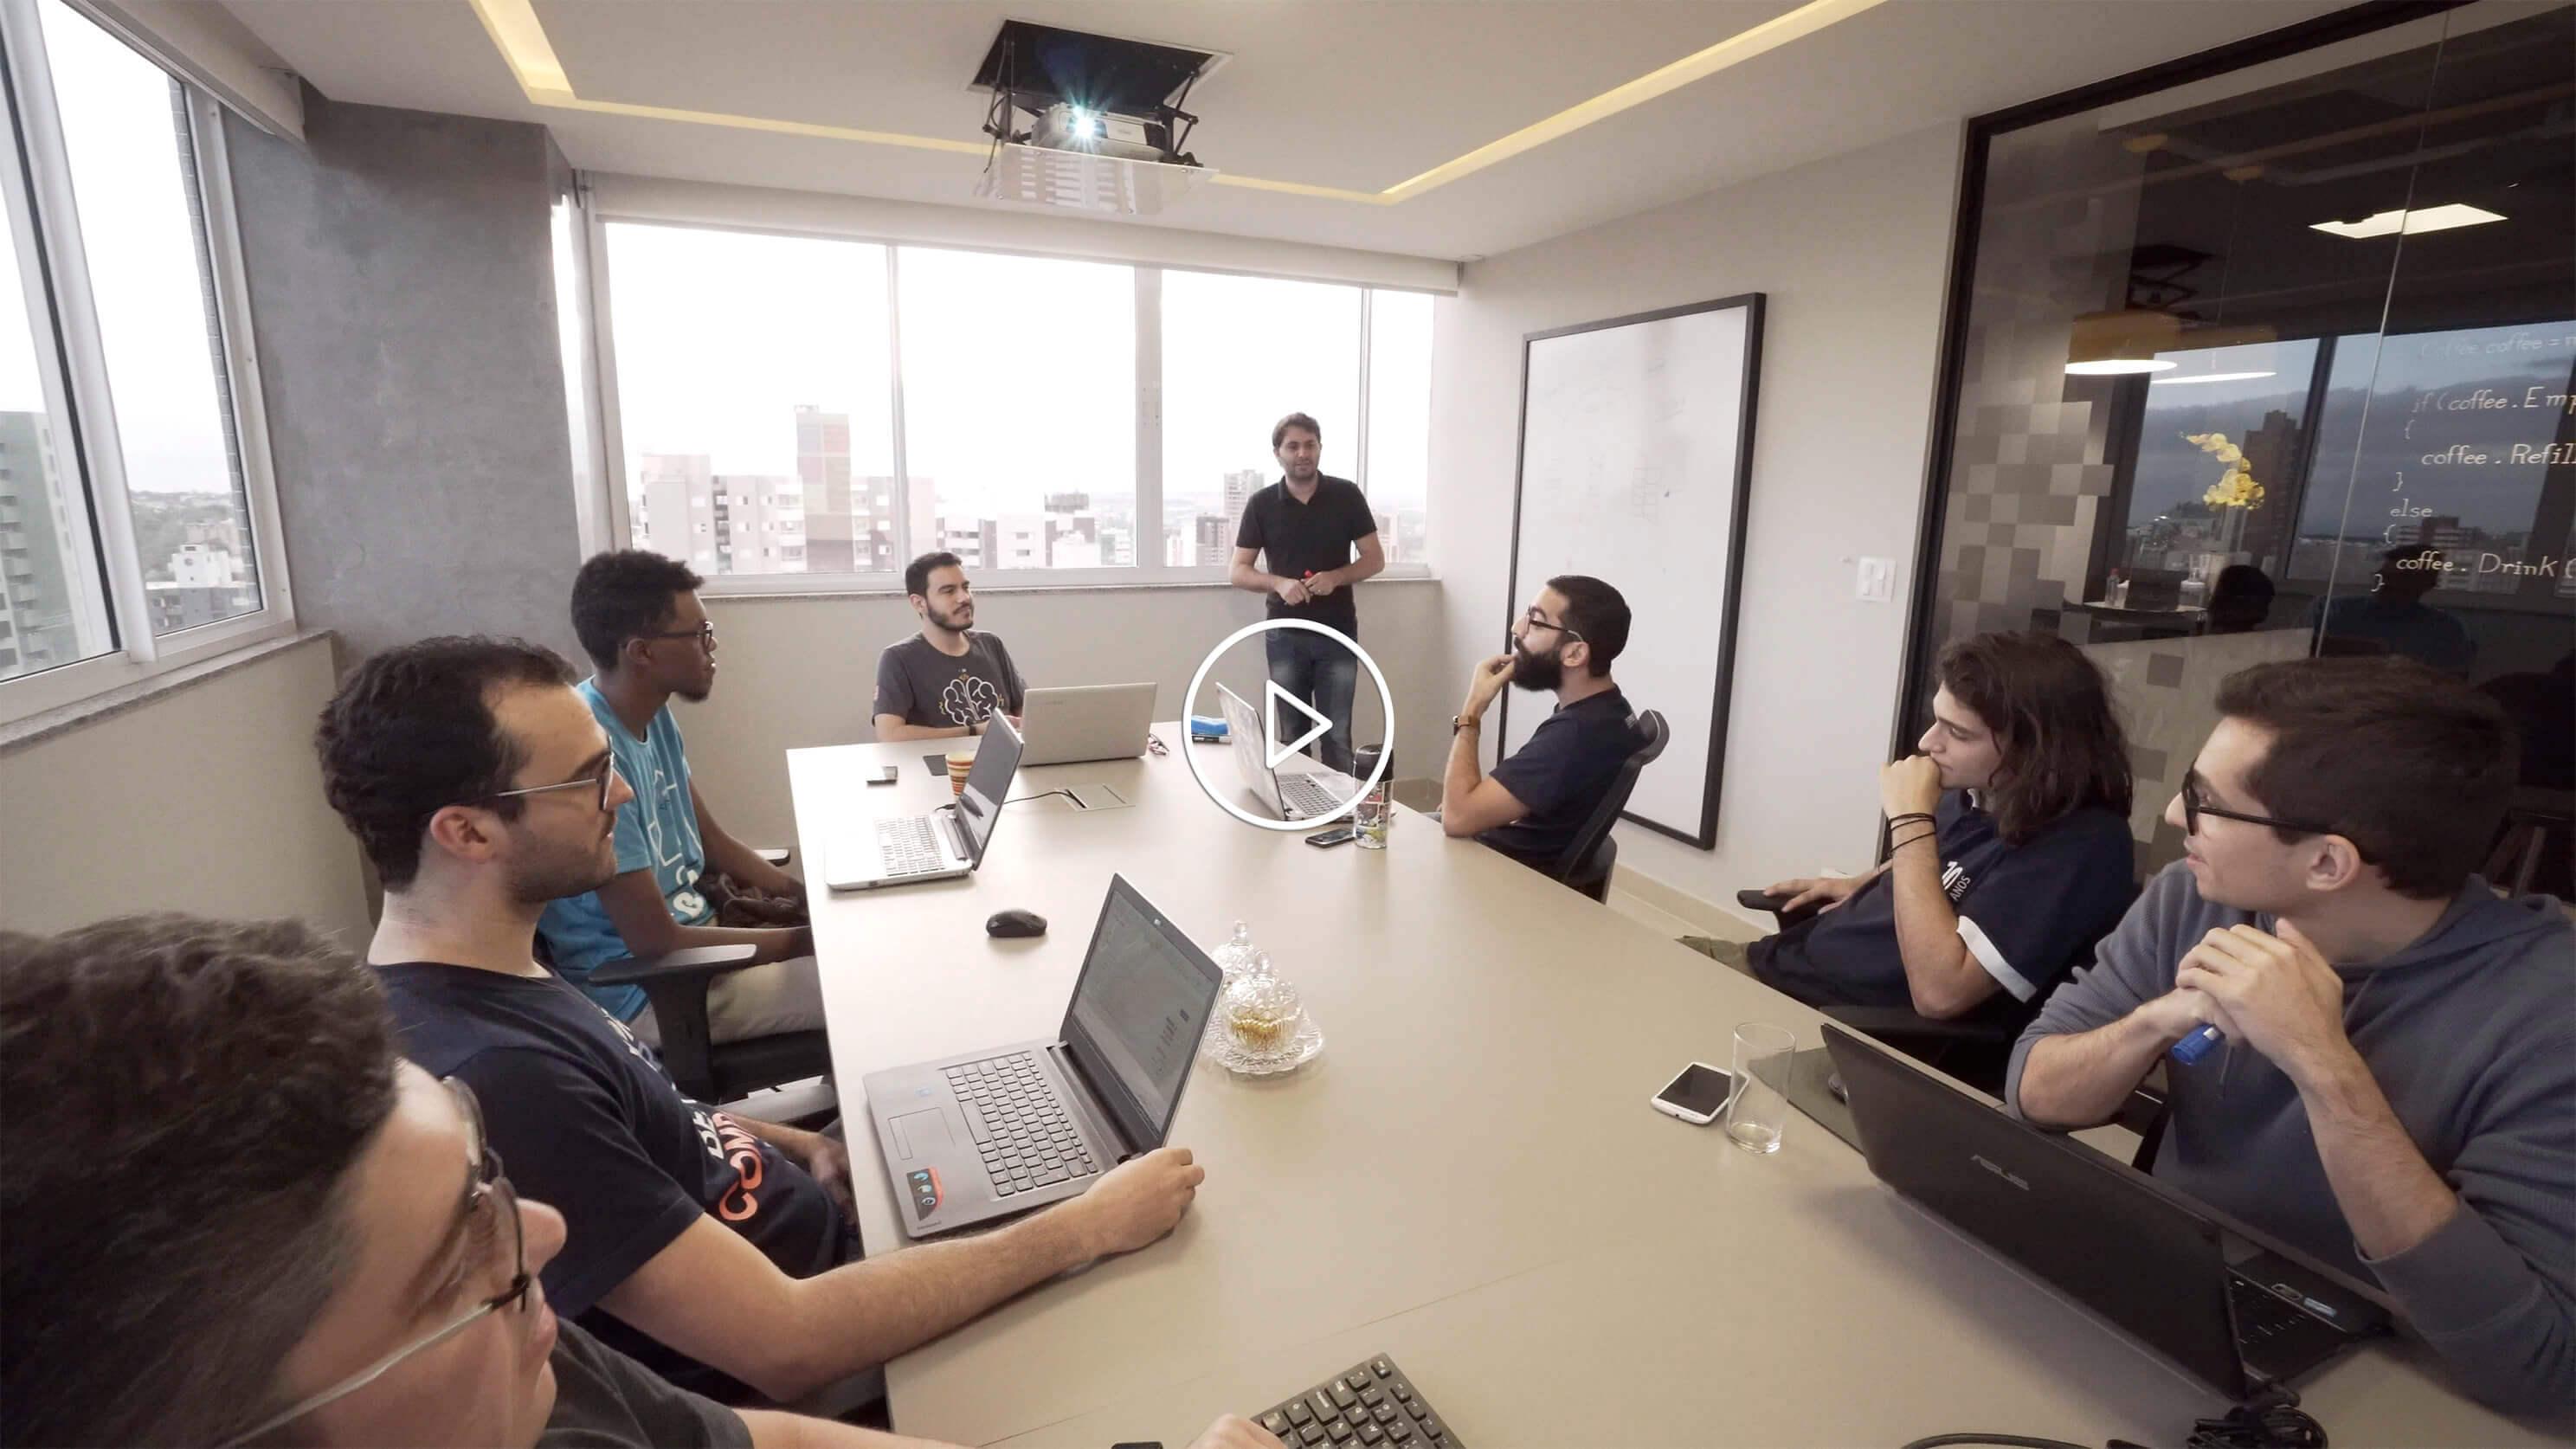 Vídeo A Casa do Desenvolvedor. Clique para assistir.